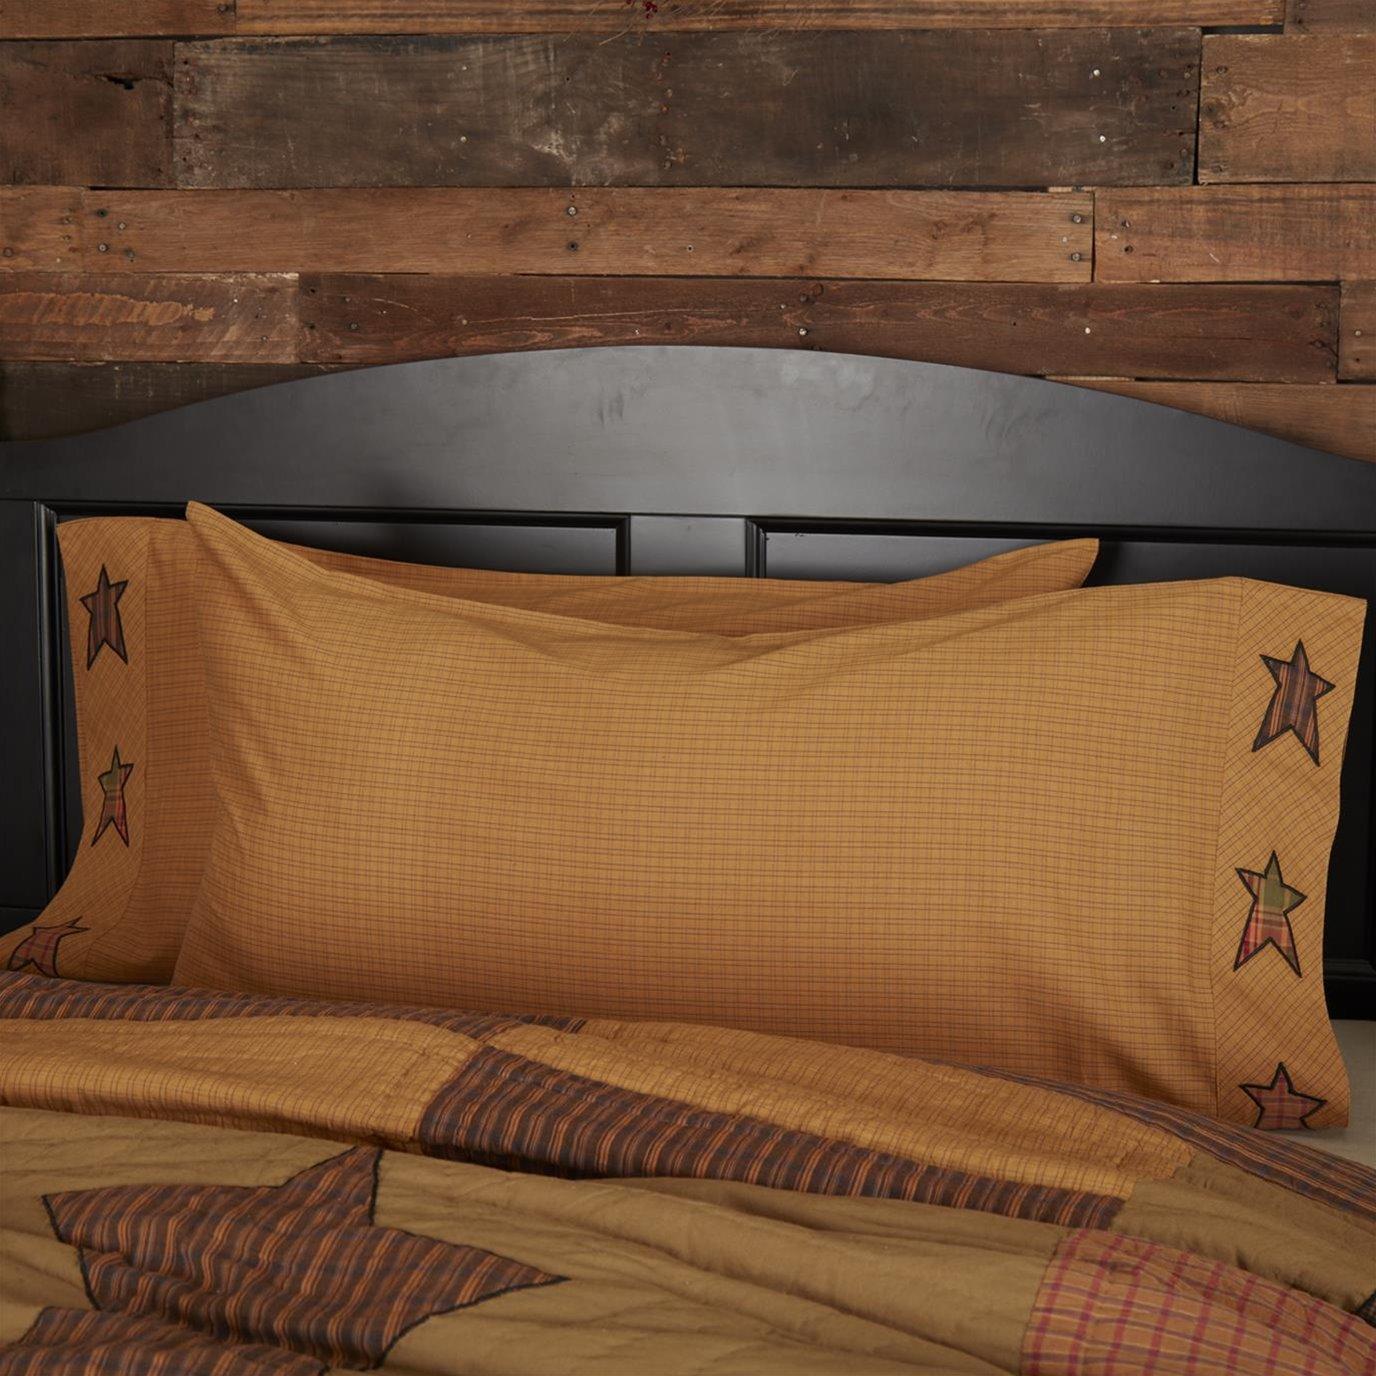 Stratton King Pillow Case w/Applique Star Set of 2 21x40